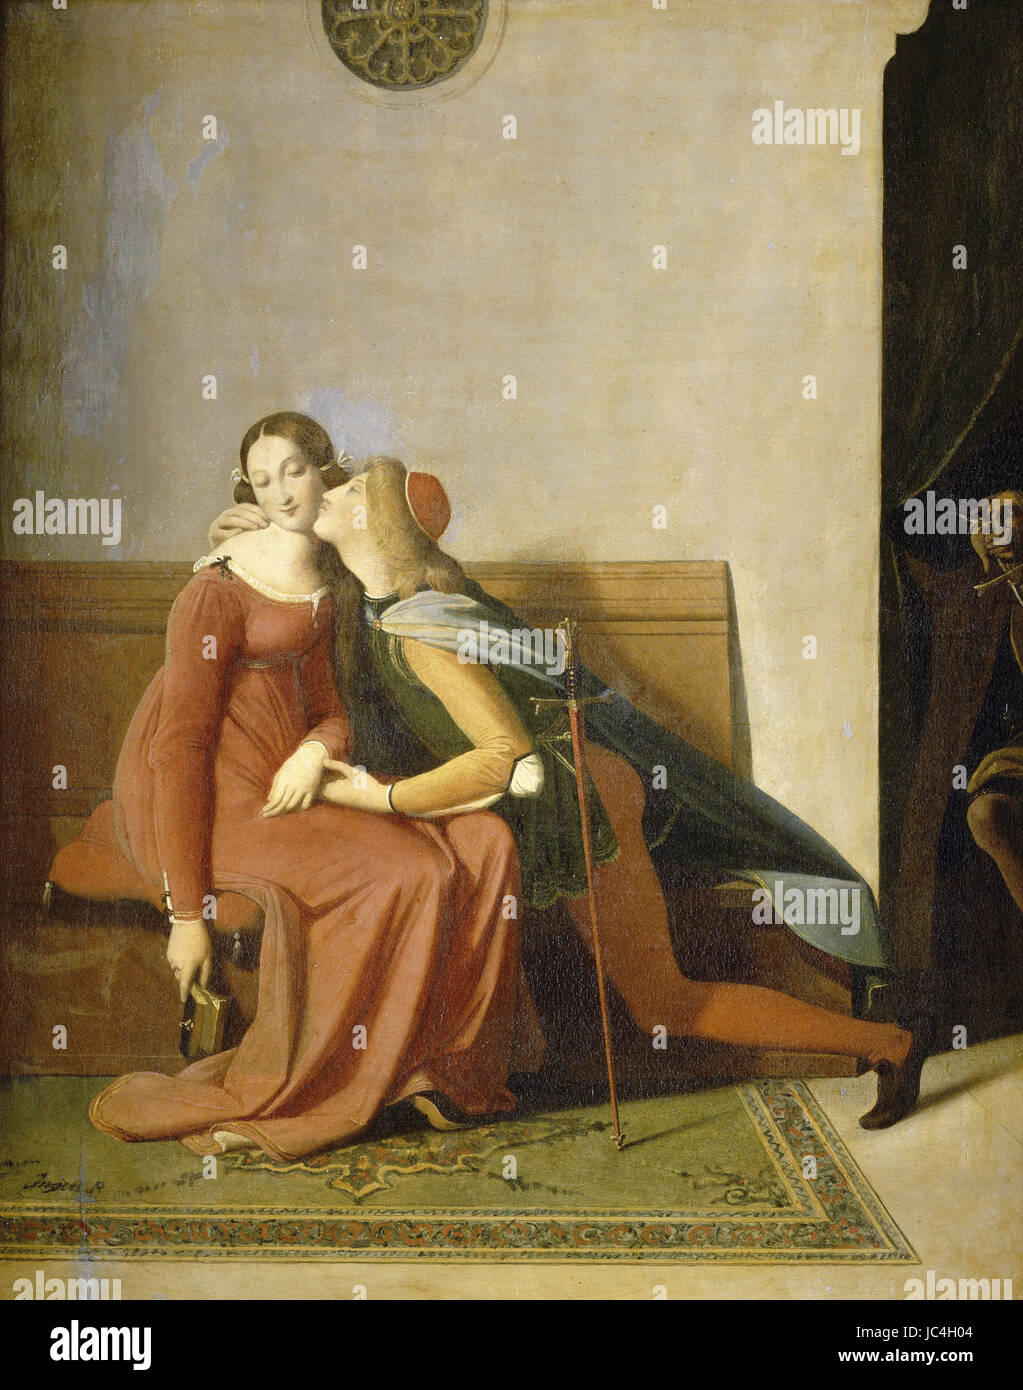 Piero della Francesca - Paolo and Francesca Stock Photo